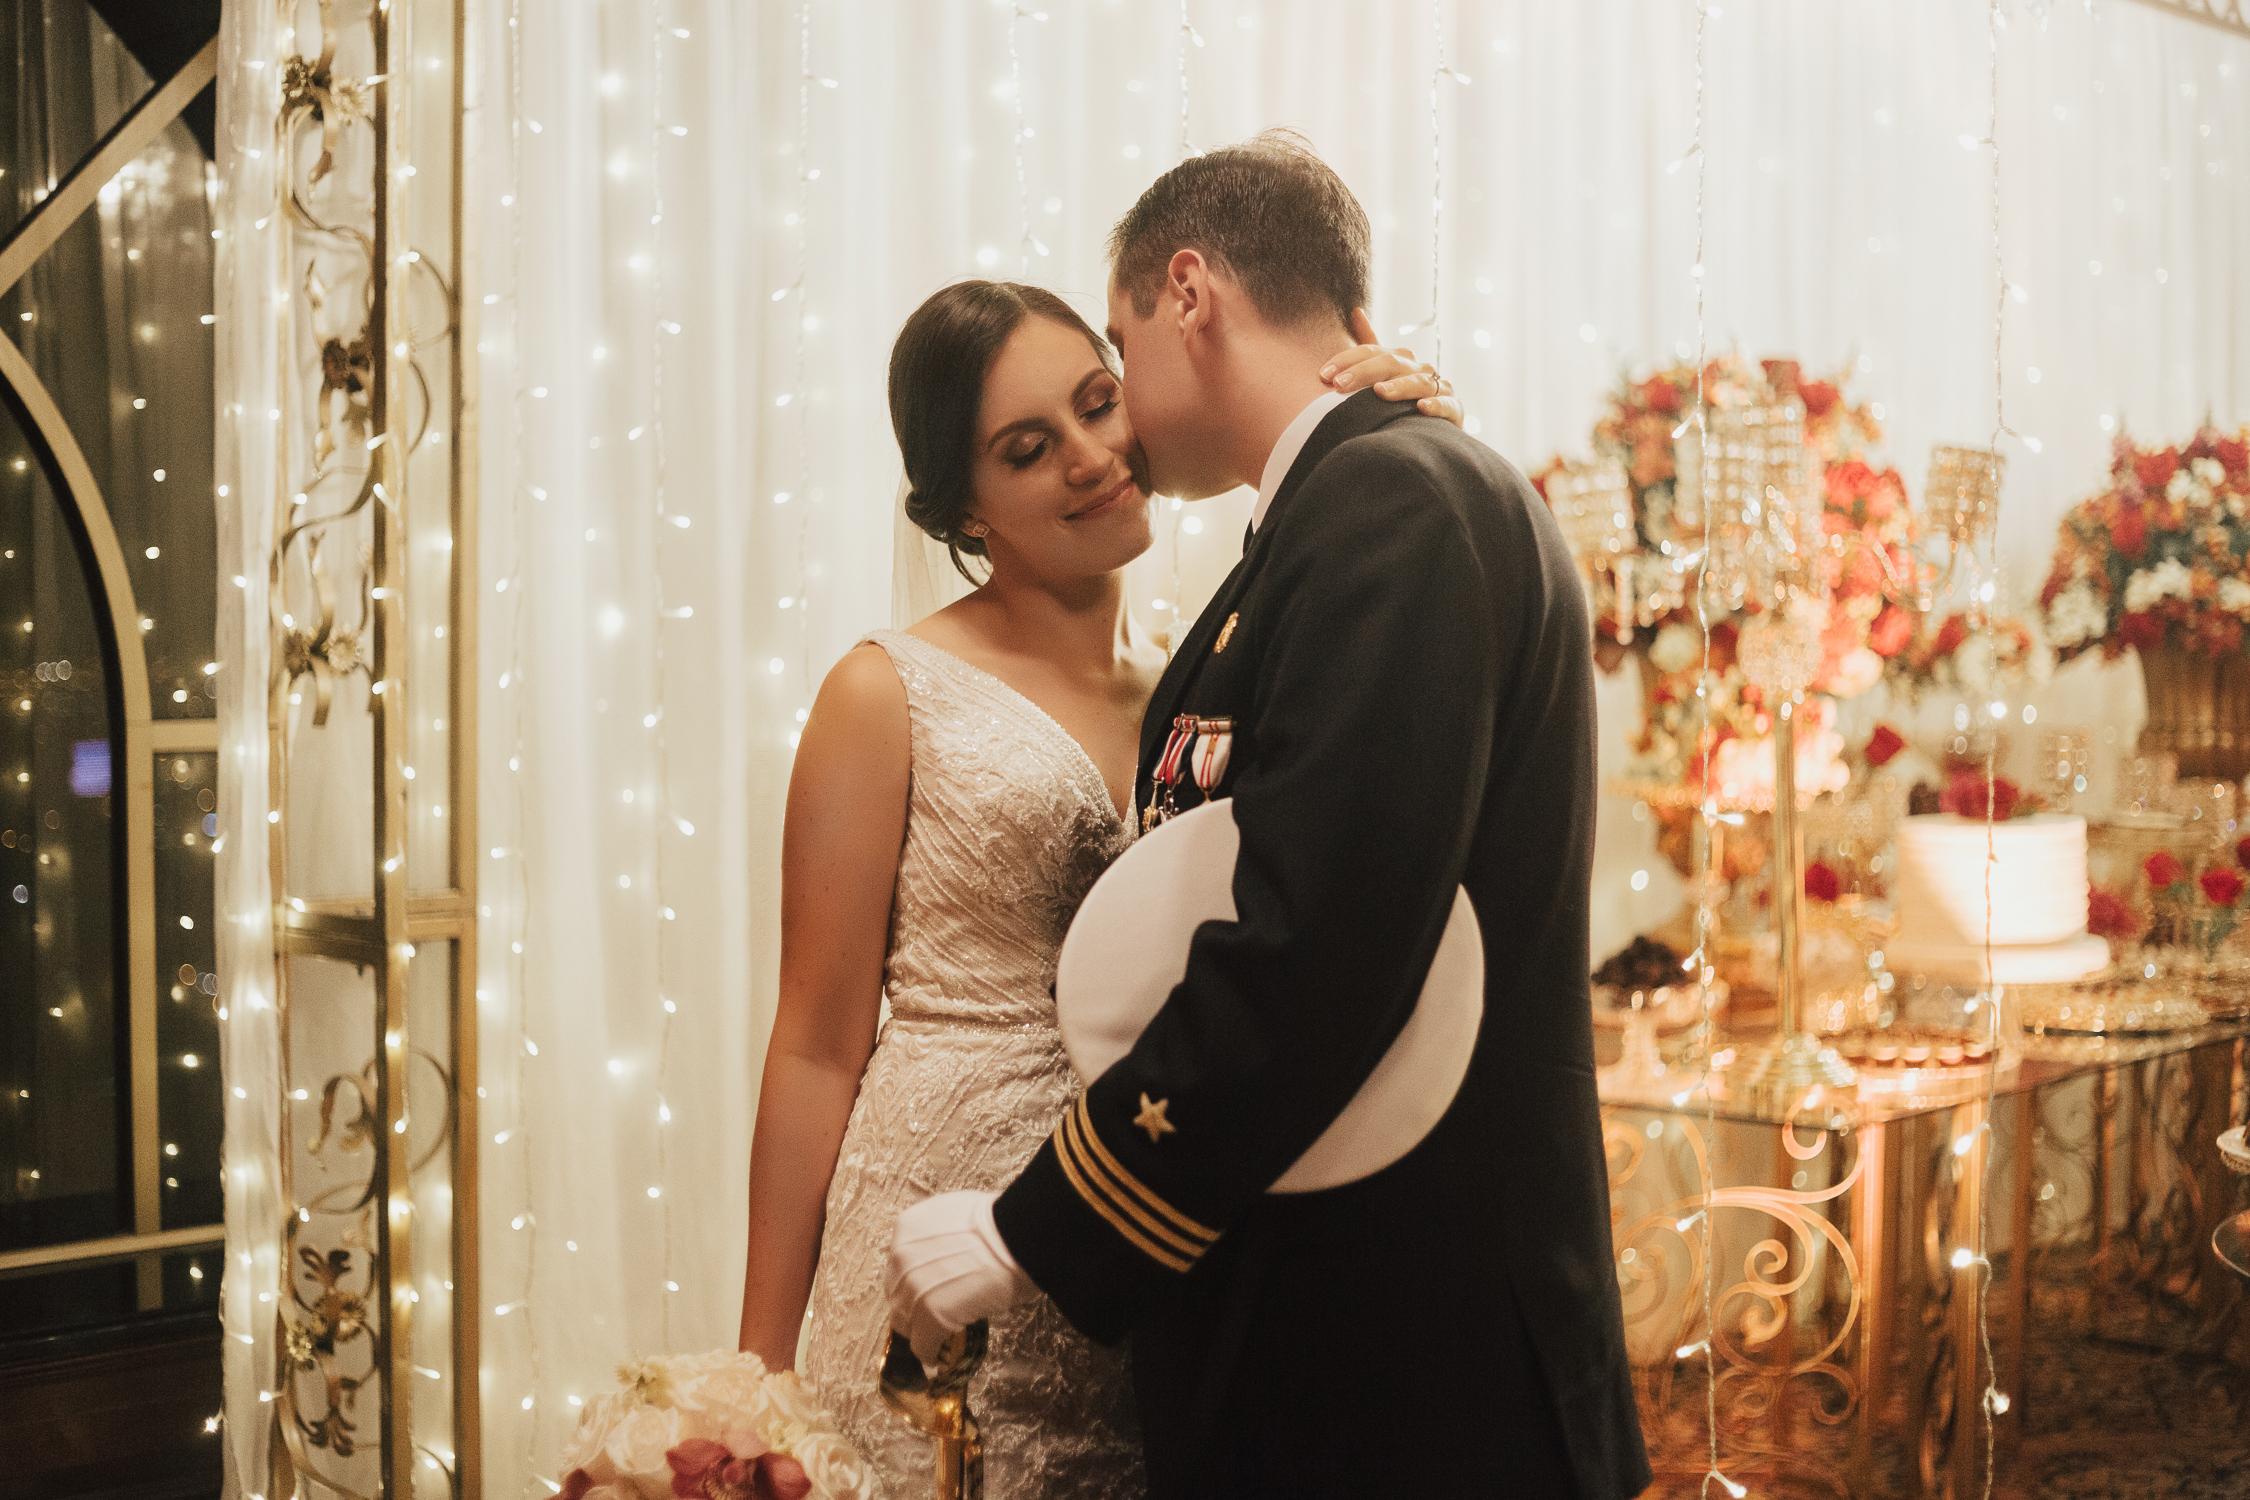 Michelle-Agurto-Fotografia-Bodas-Ecuador-Destination-Wedding-Photographer-Ecuador-Mercedes-Alvaro-123.JPG